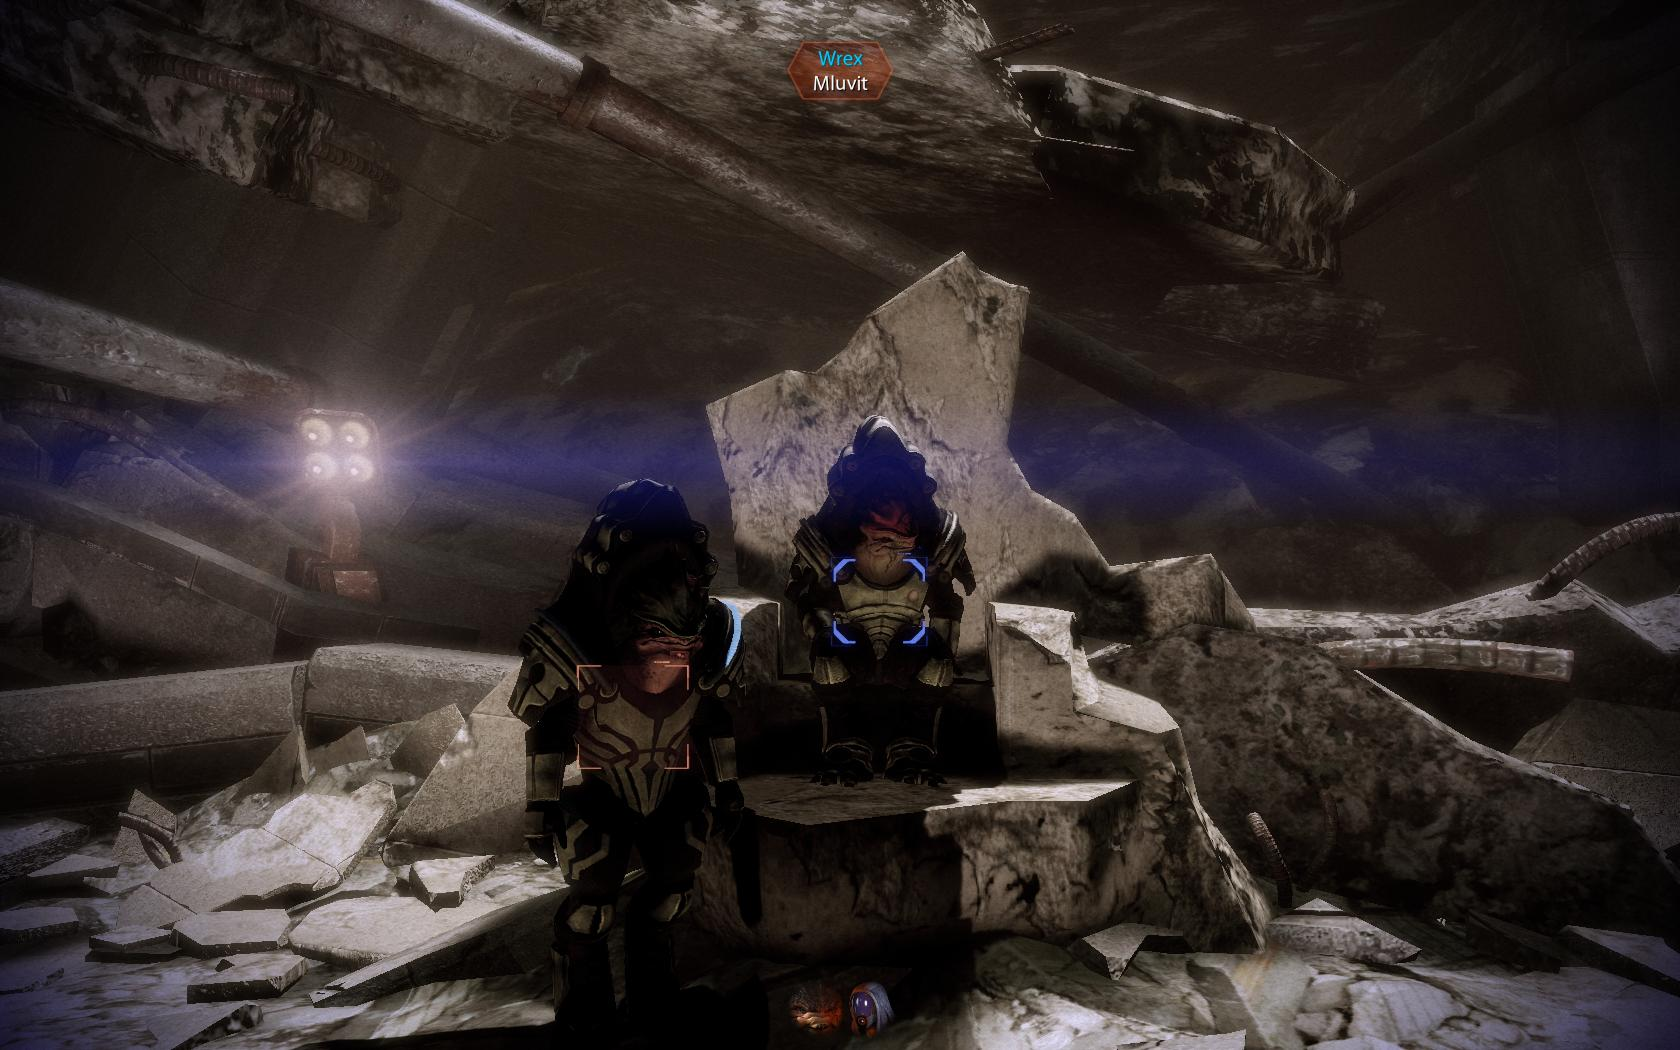 Recenze Mass Effect 2 - RPG snů? 9370